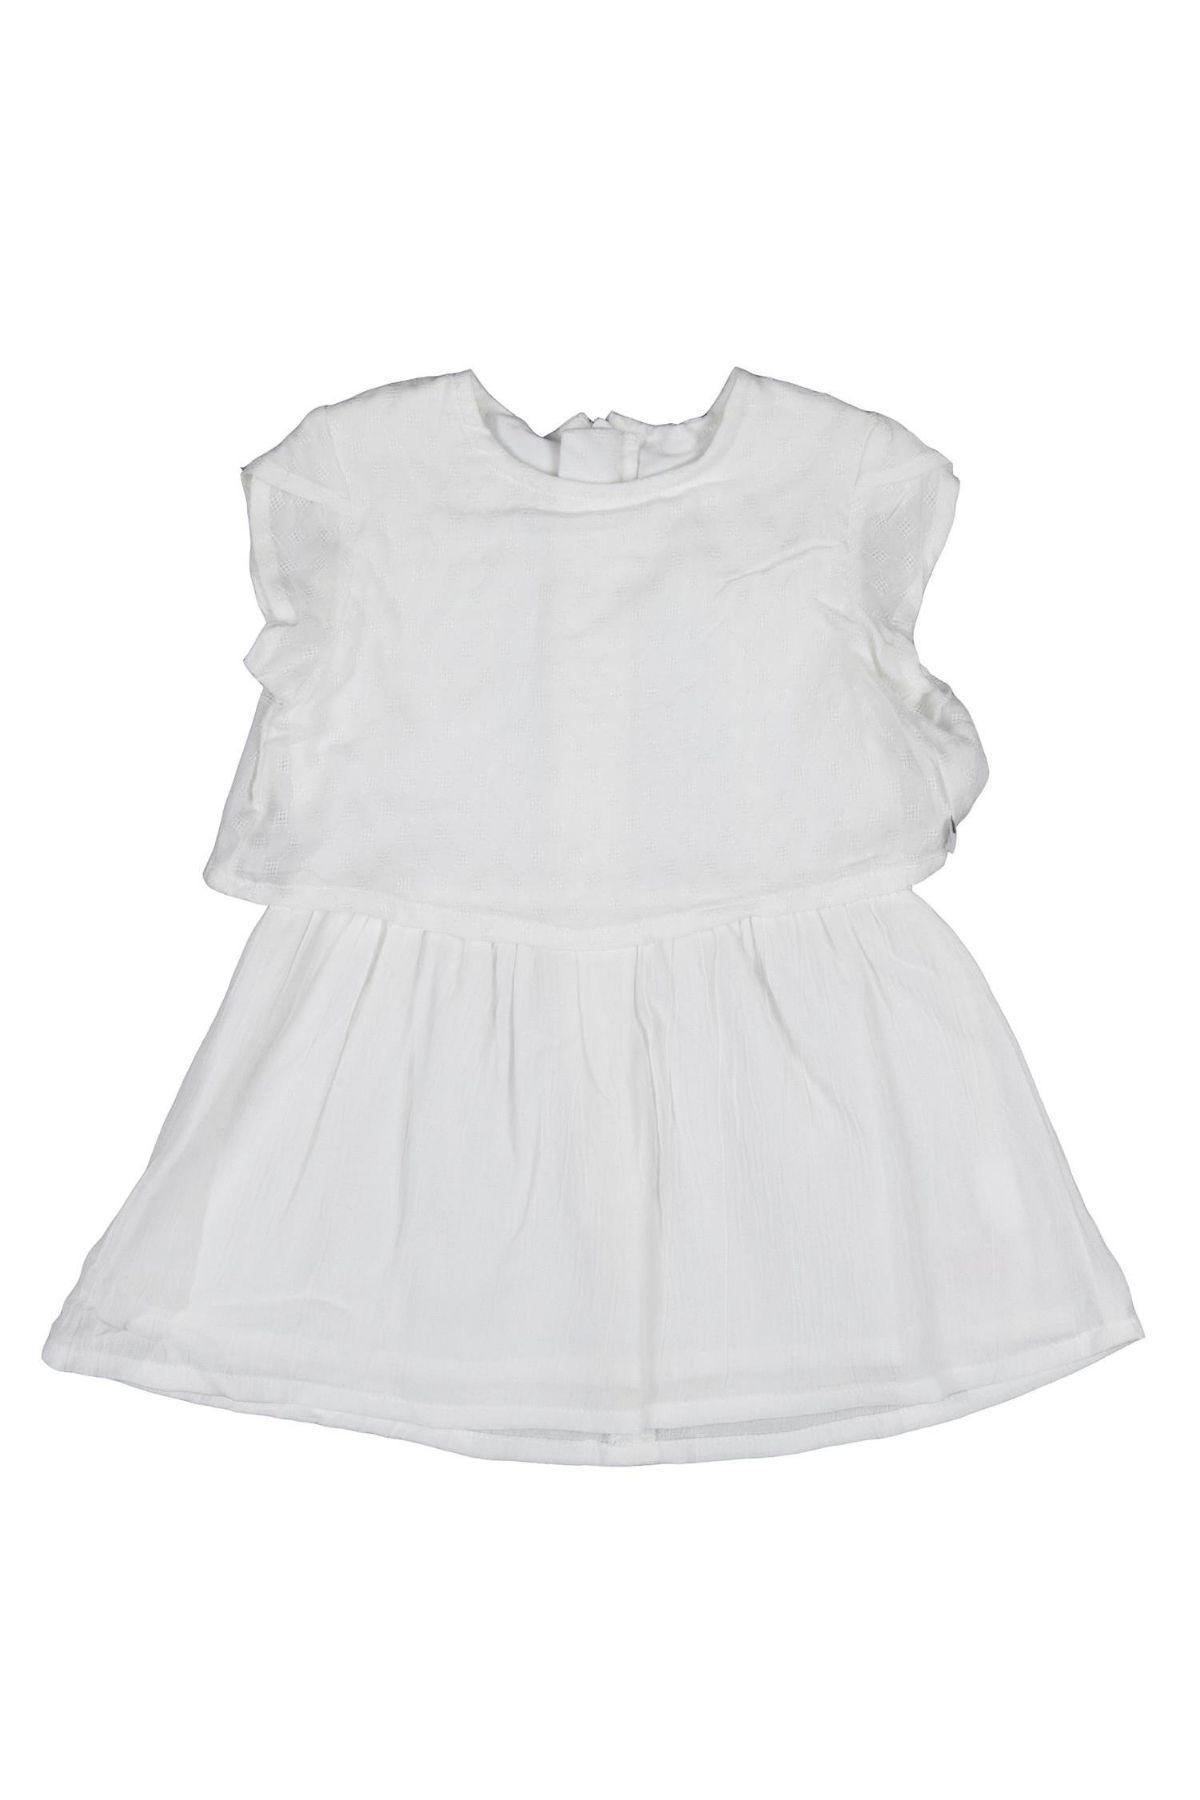 Bebepan 4017 БЕЛЫЙ Платье Для Девочек